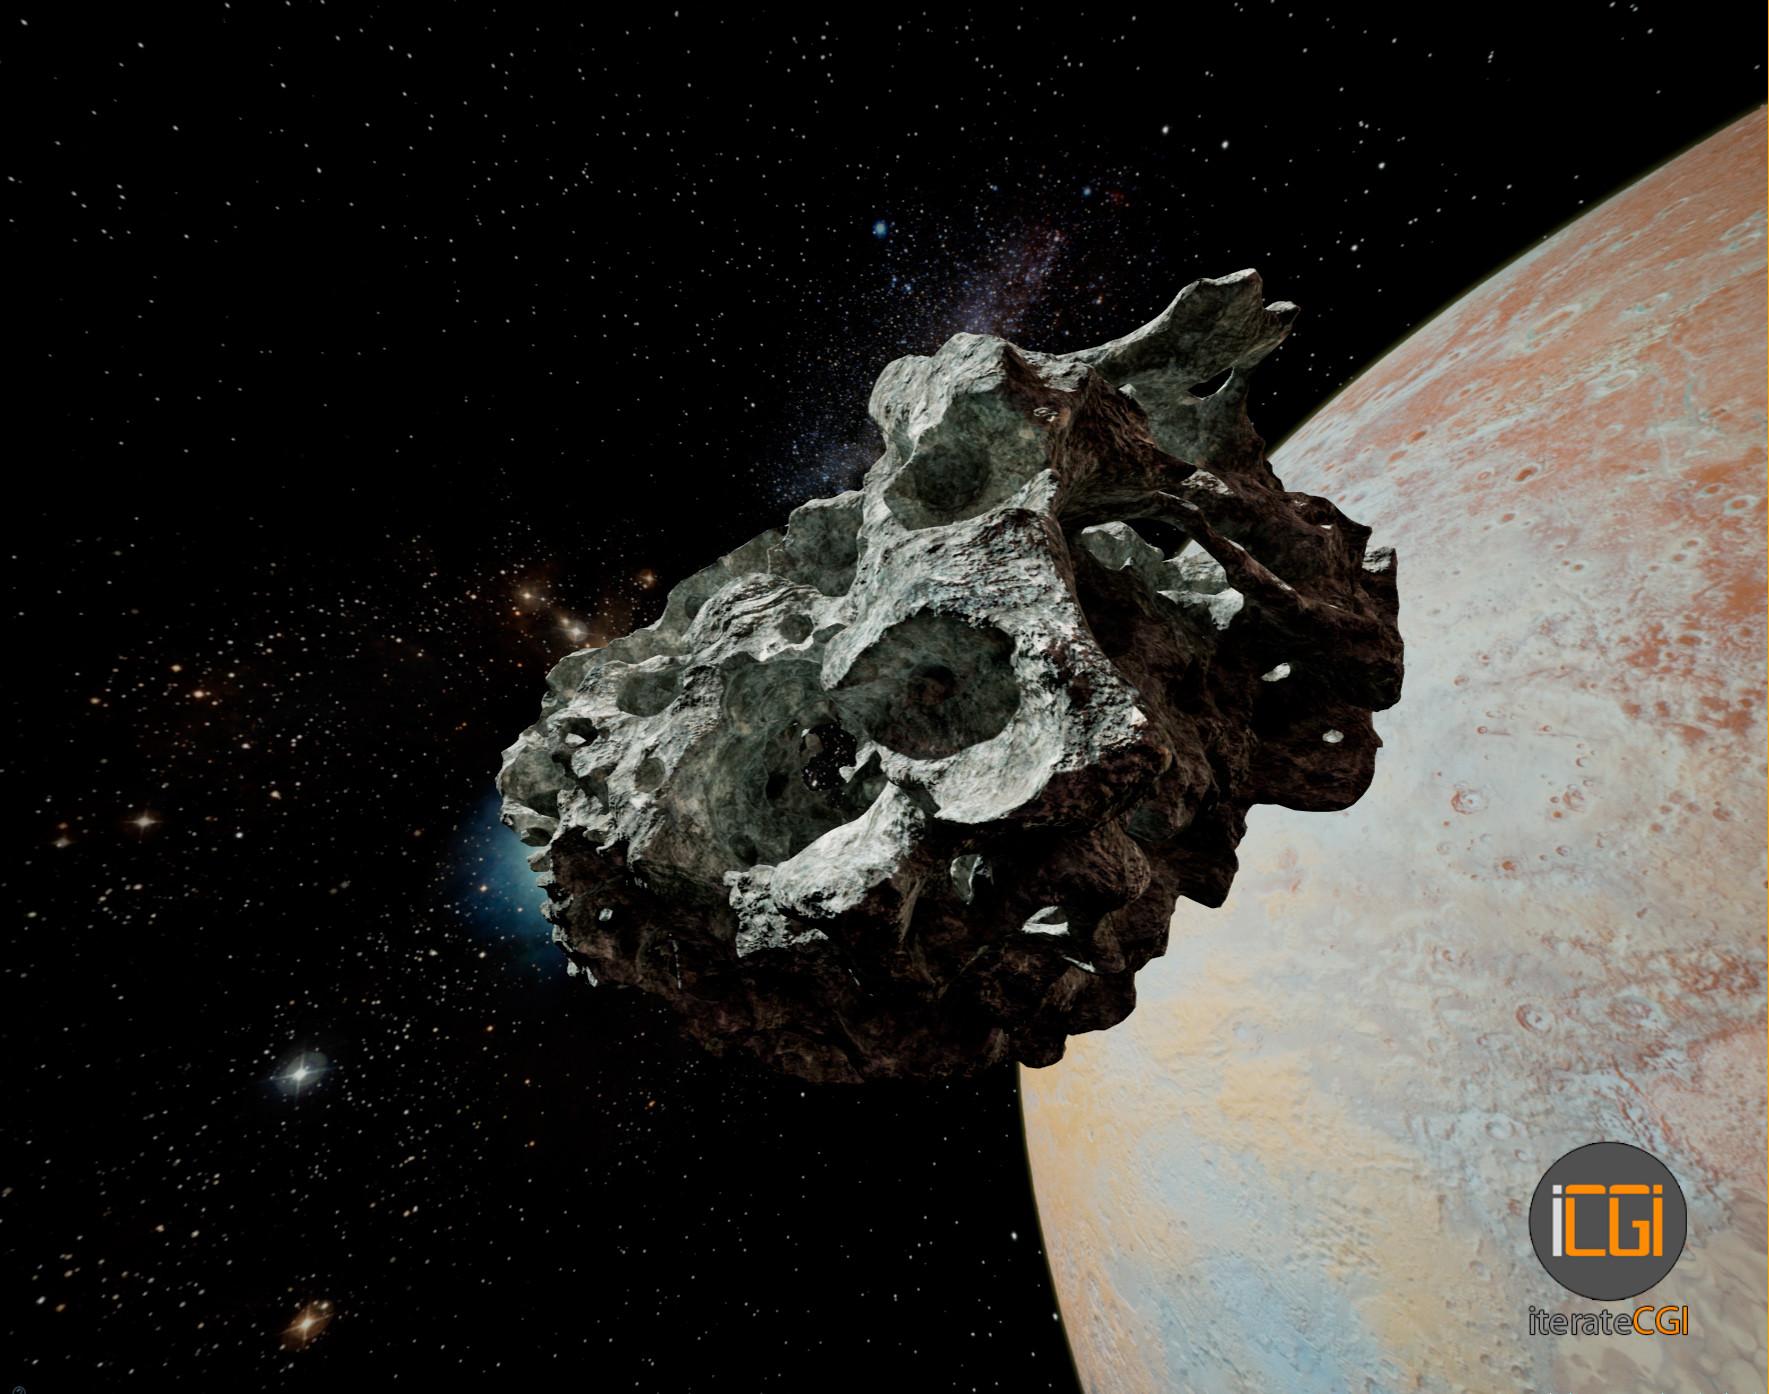 Johan de leenheer 3d asteroid game model 17